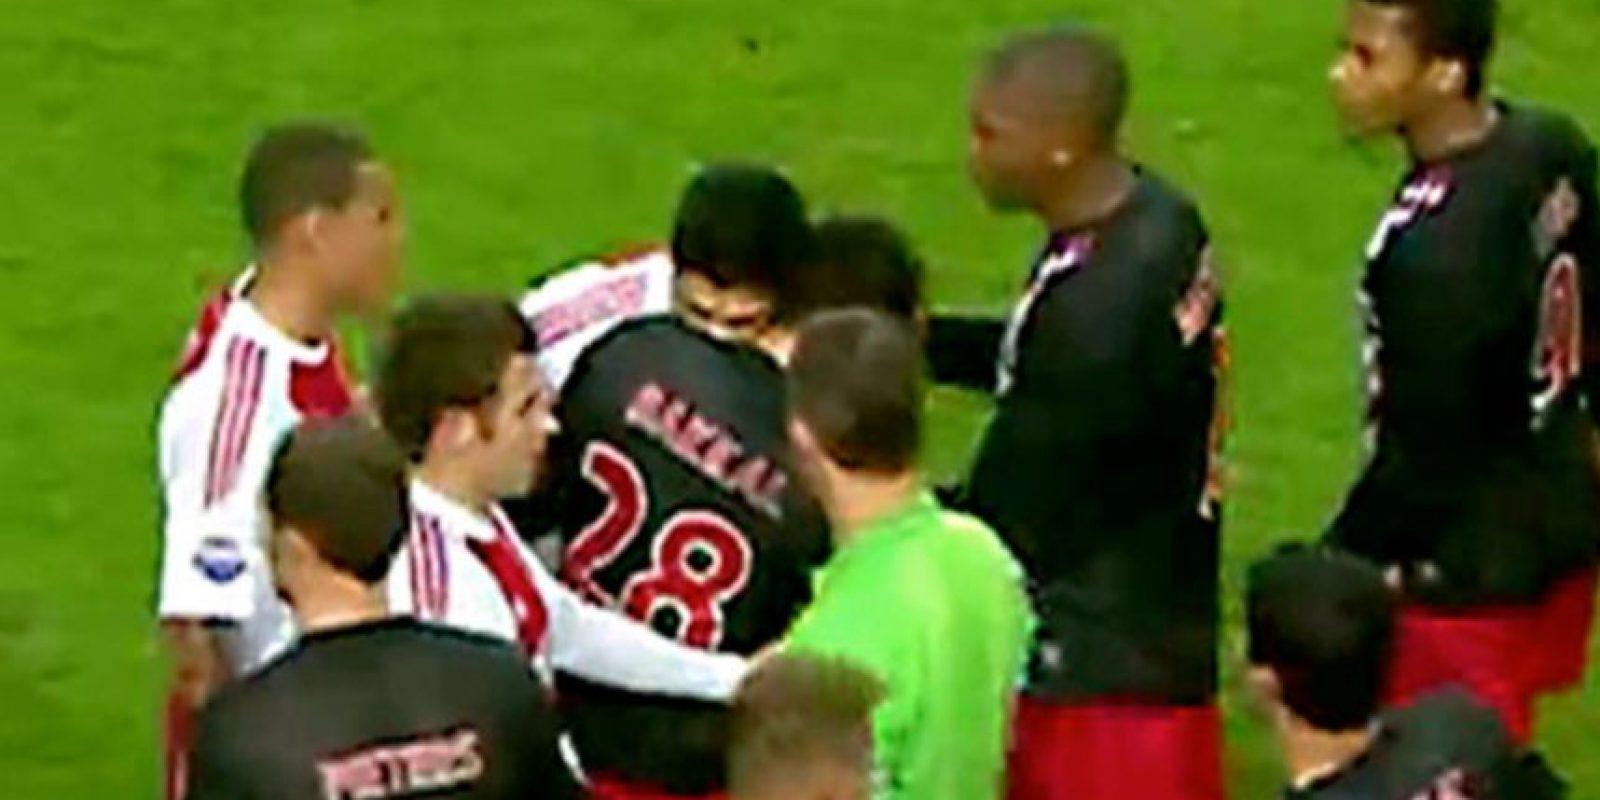 Los mordiscos de Luis Suárez-Otman Bakkal (2010): Ya llevaba un tiempo jugando por Ajax, pero aún no demostraba su carácter. Eso hasta que mordió a Otman Bakall en el hombro. Después demostraría que no era una casualidad y parecía una costumbre. Foto:Getty Images